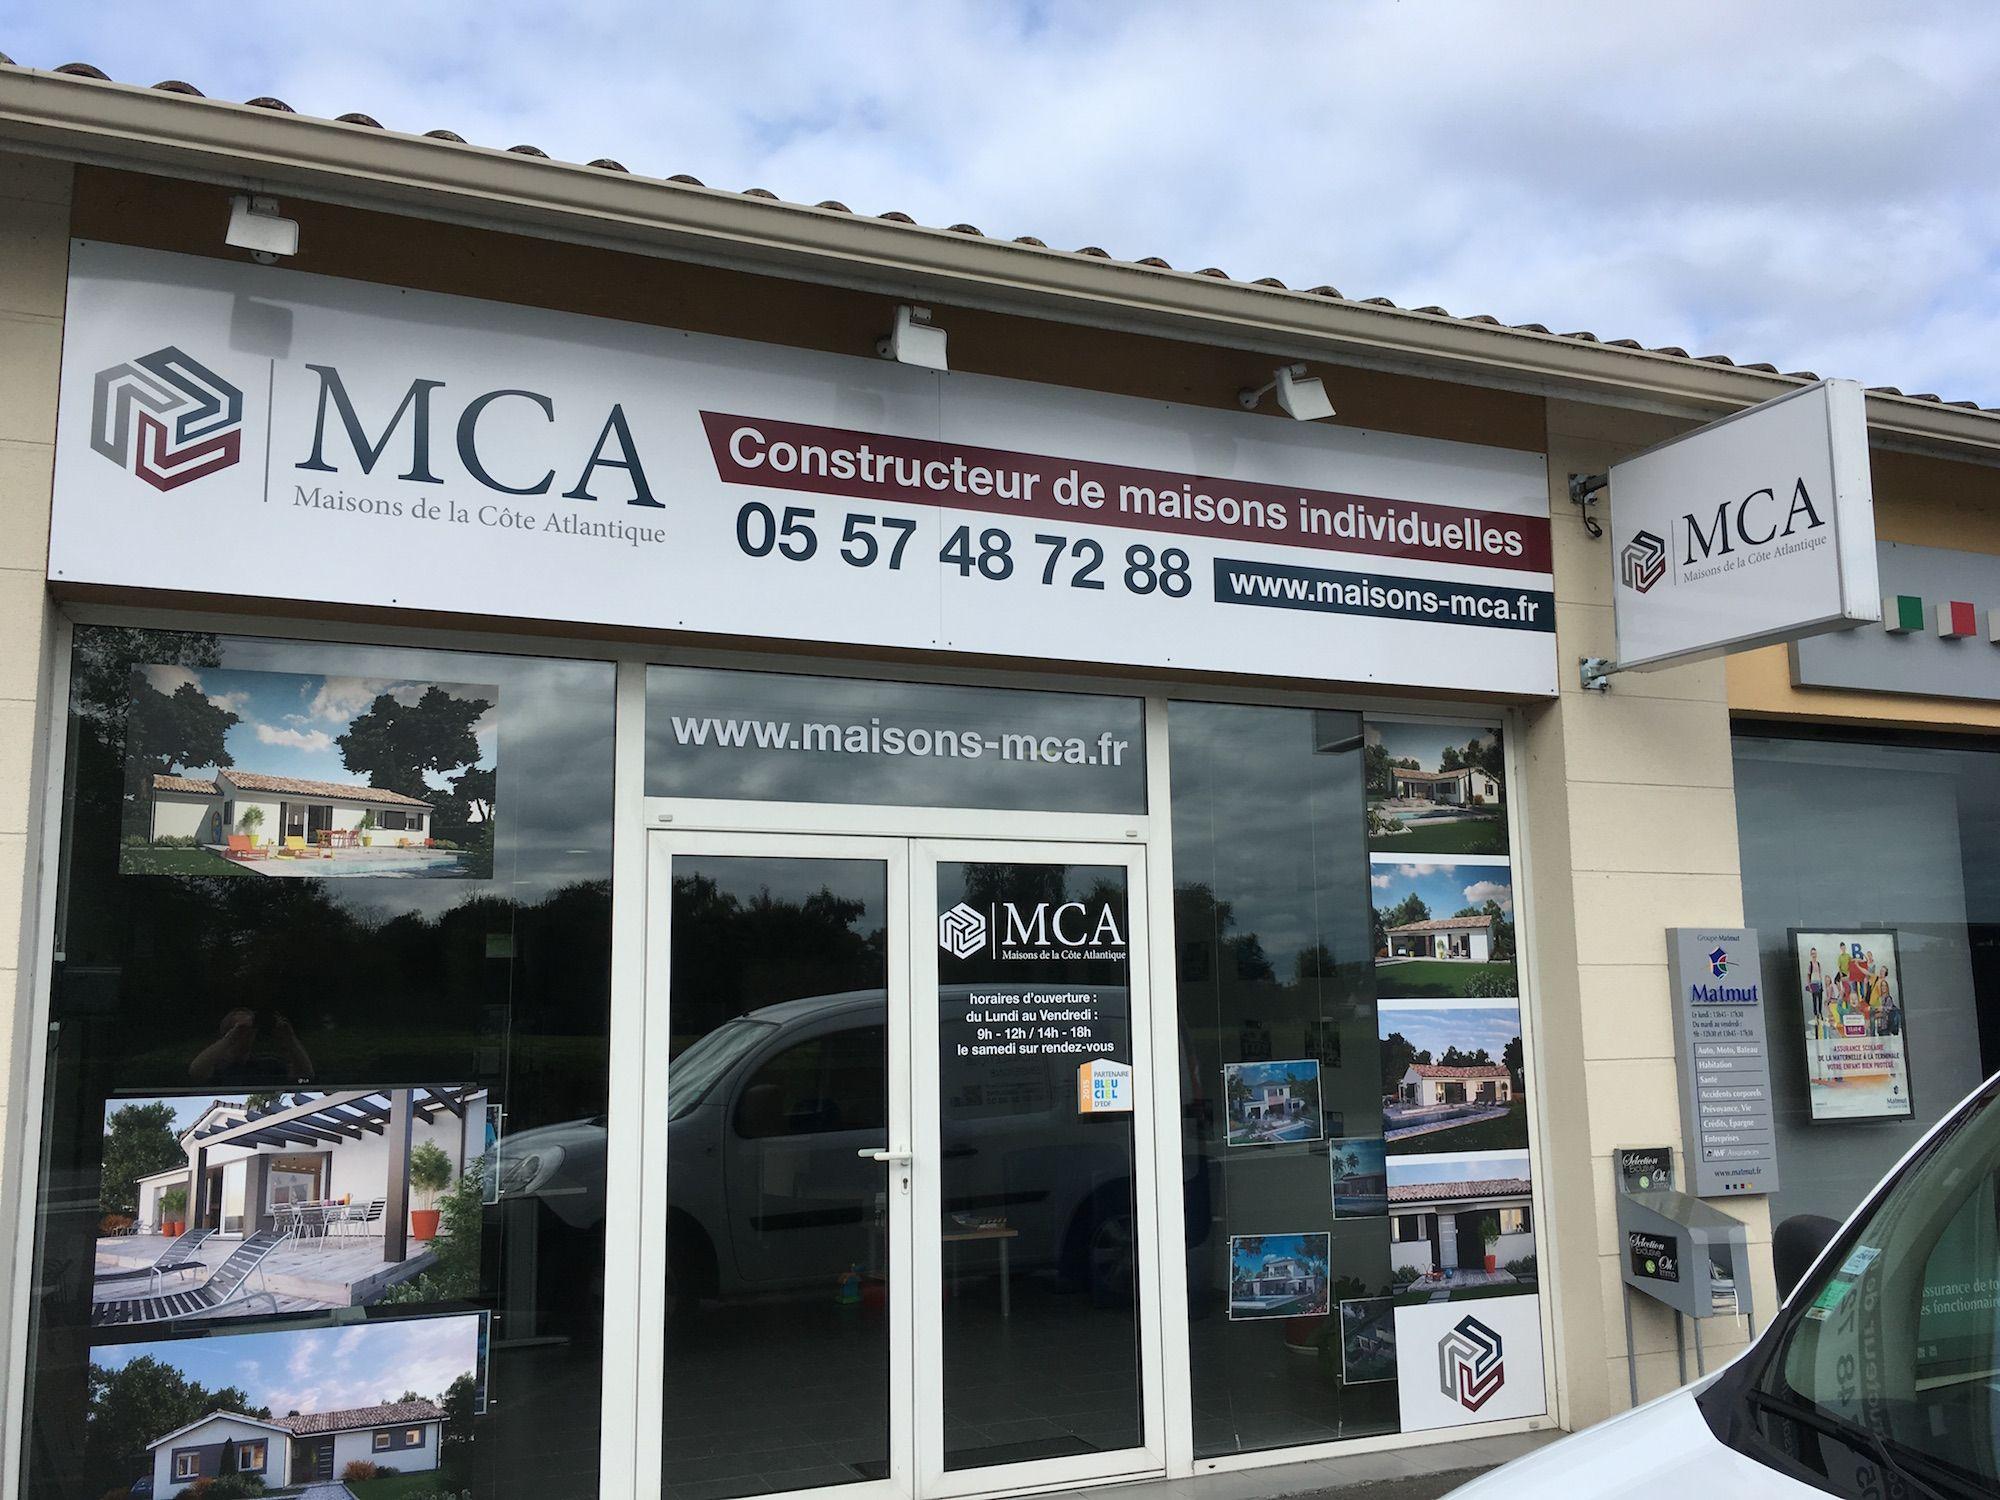 Constructeur maison libourne ventana blog - Mca maisons de la cote atlantique ...